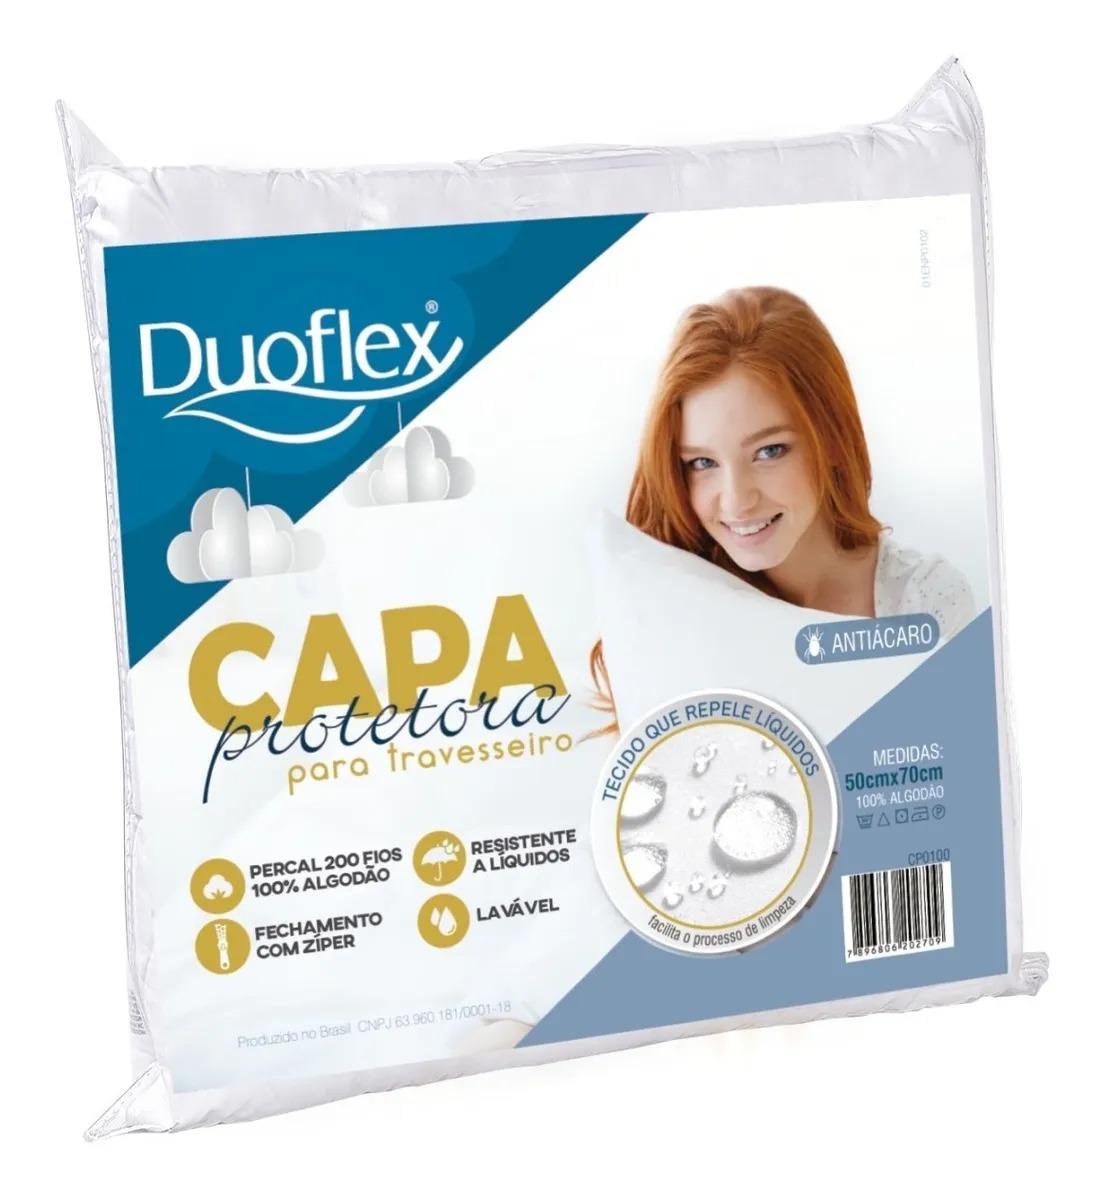 CAPA PROTETORA TRAVESSEIRO DUOFLEX